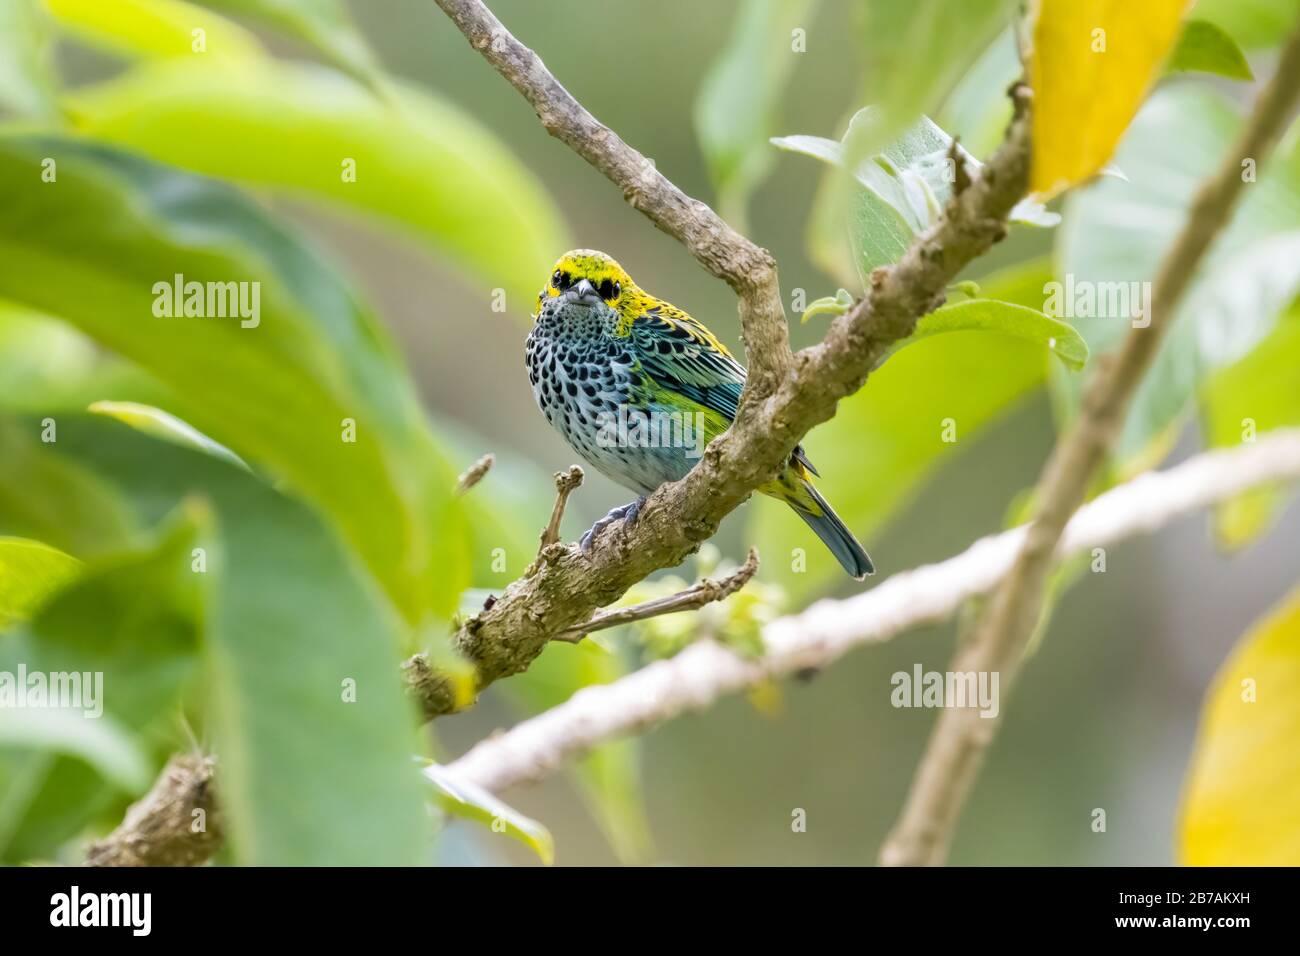 Un tanager moteado (Tangara guttata) se encuentra en una rama de las montañas Talamanca de Costa Rica. Foto de stock